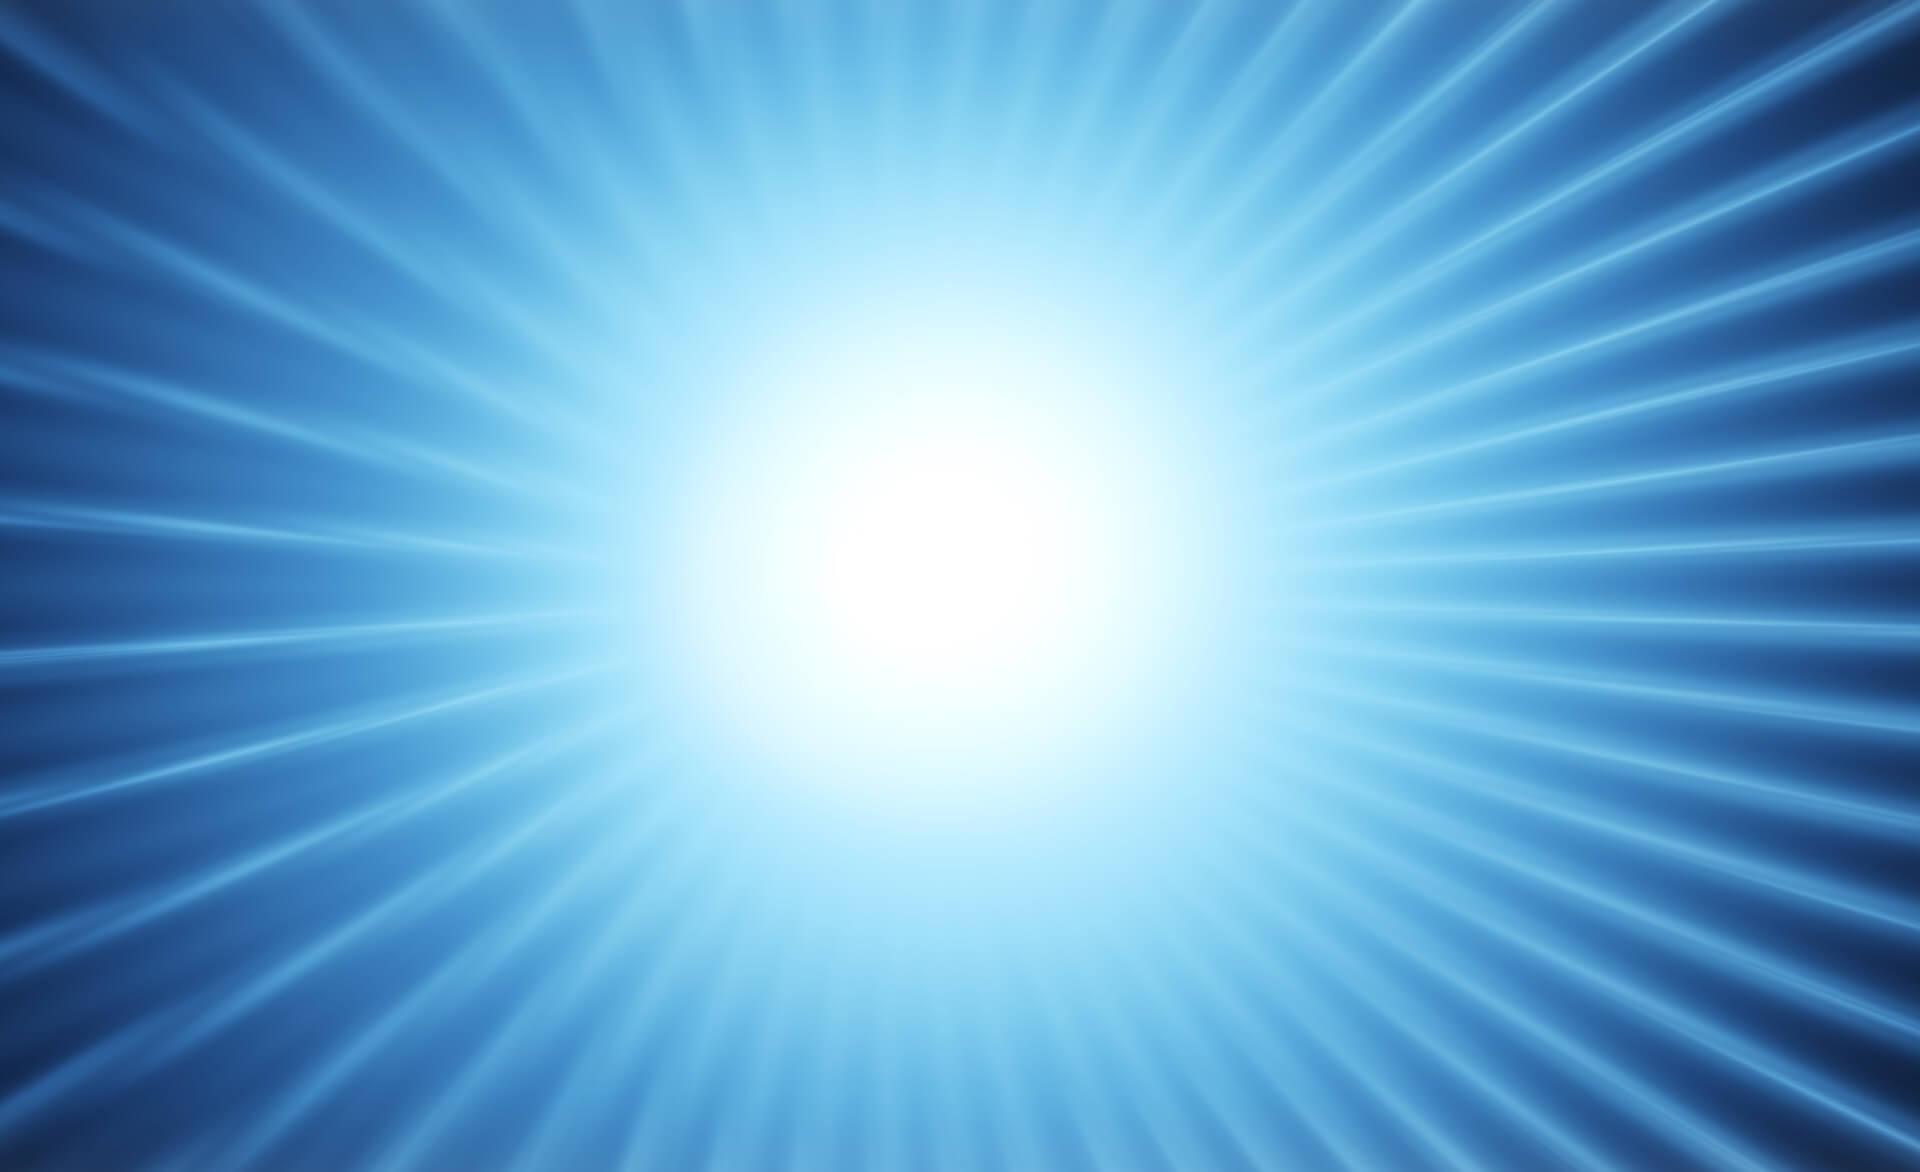 What does a blue aura mean spiritually?